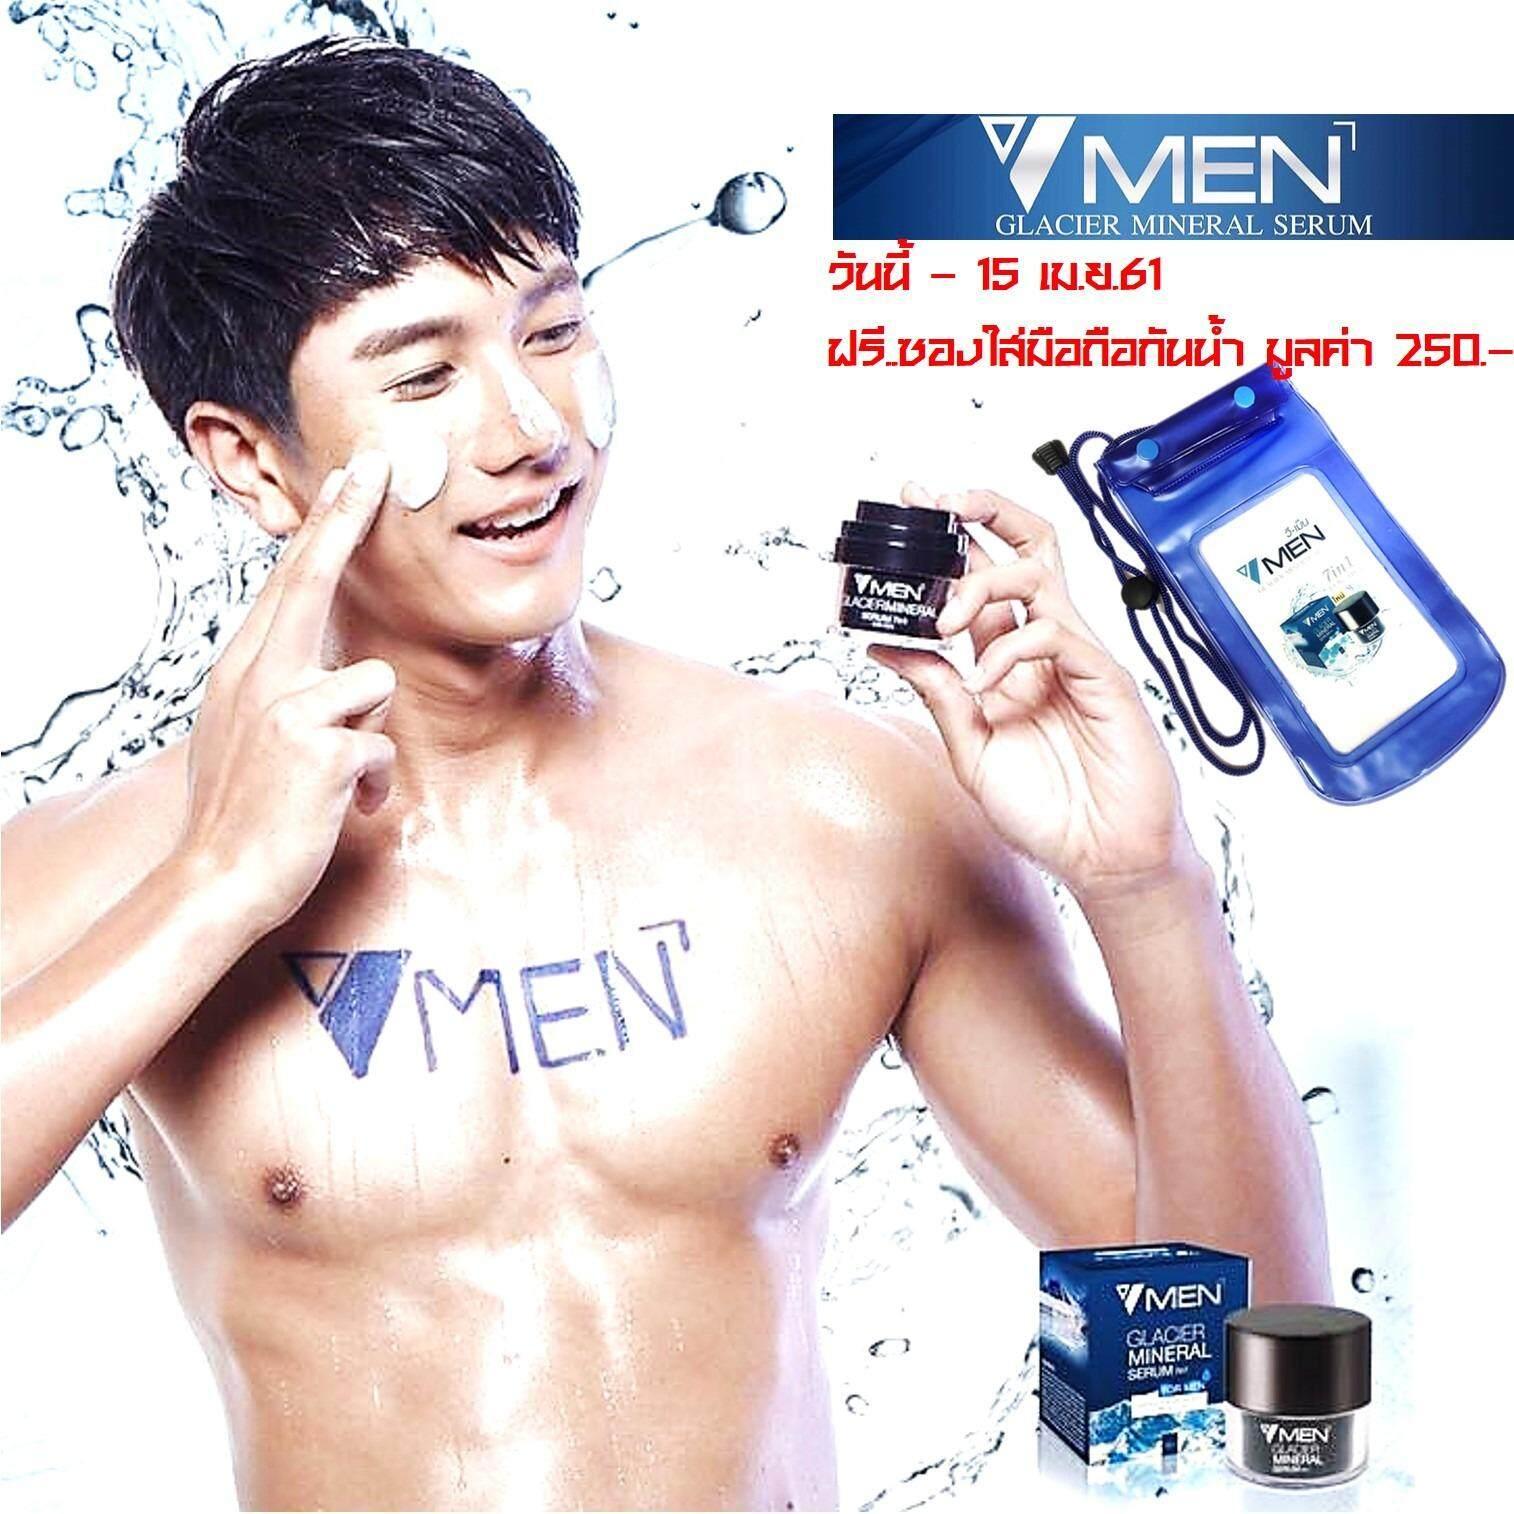 ราคา Vmen Glacire Mineral Serum 7In1 For Men 15Ml เซรั่มหน้าใสย้อนวัยผิวหน้าสำหรับผู้ชาย จากส่วนผสมสารสกัดธารน้ำแข็งประเทศไอซ์แลนด์ 6 ชนิด No Brand เป็นต้นฉบับ